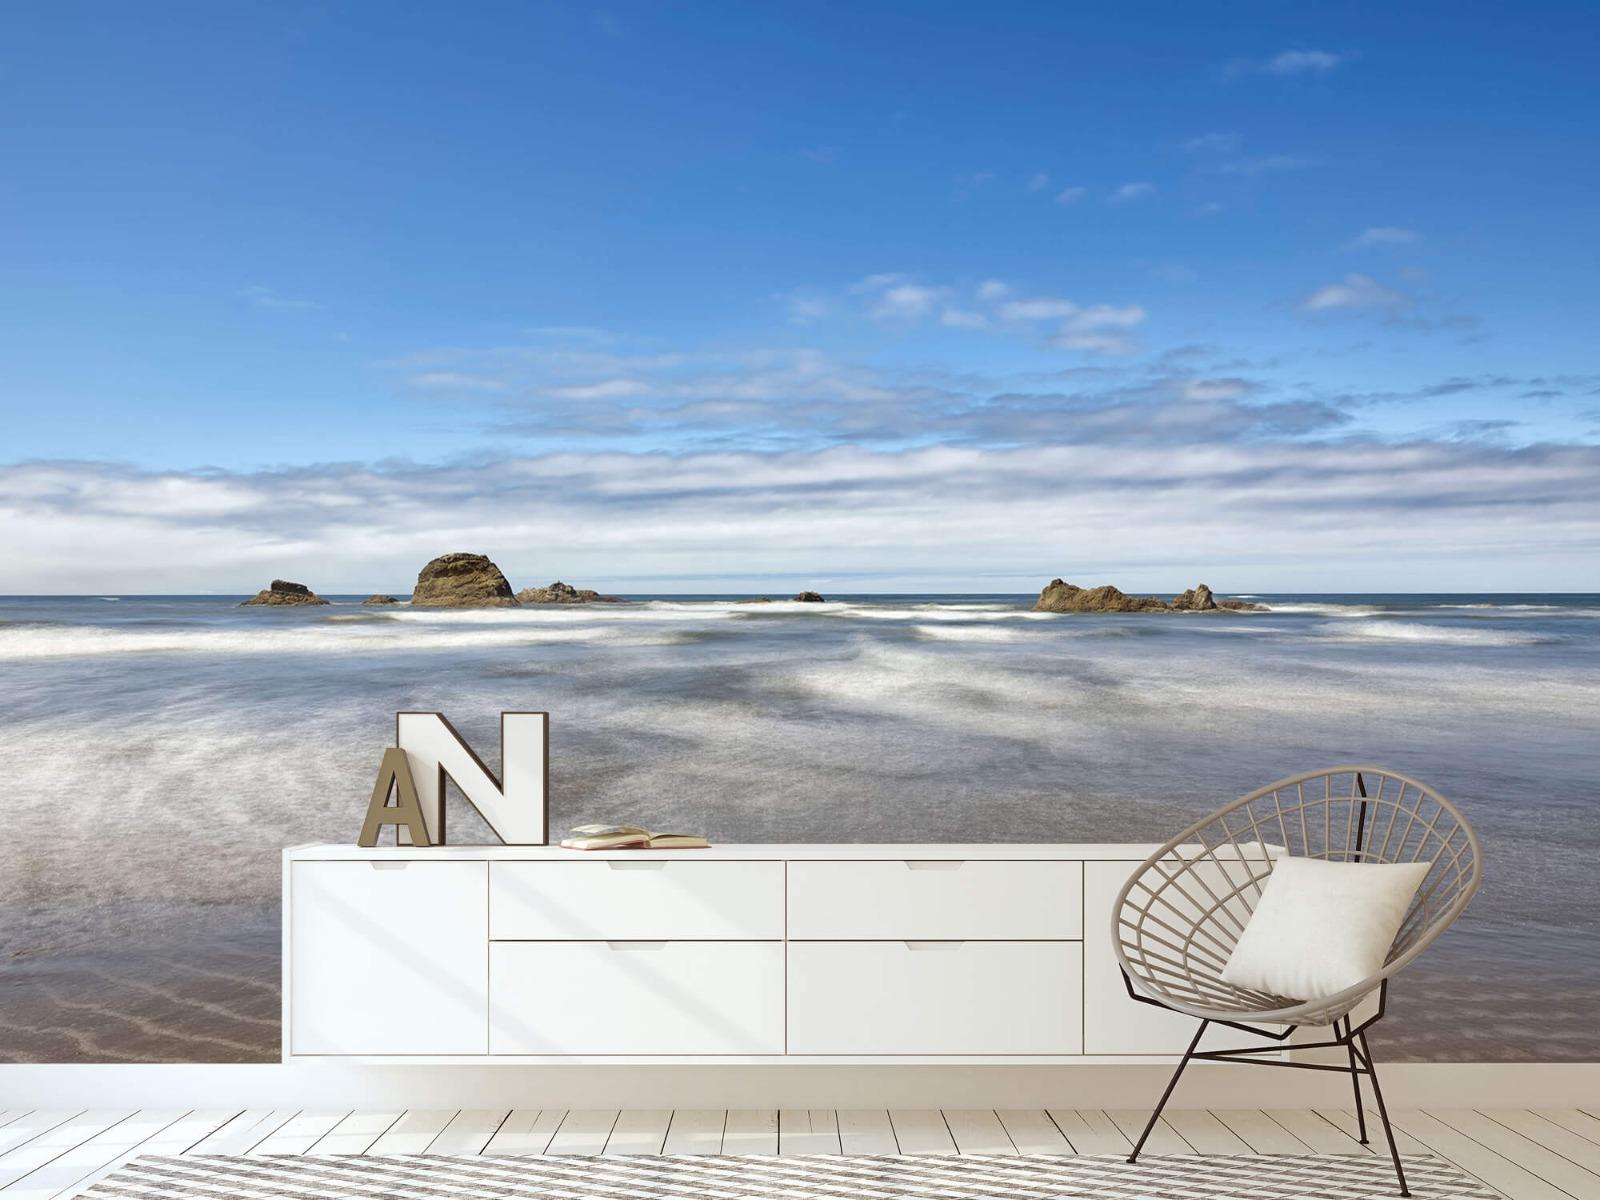 Zeeën en Oceanen - Strand met rotsen - Slaapkamer 4